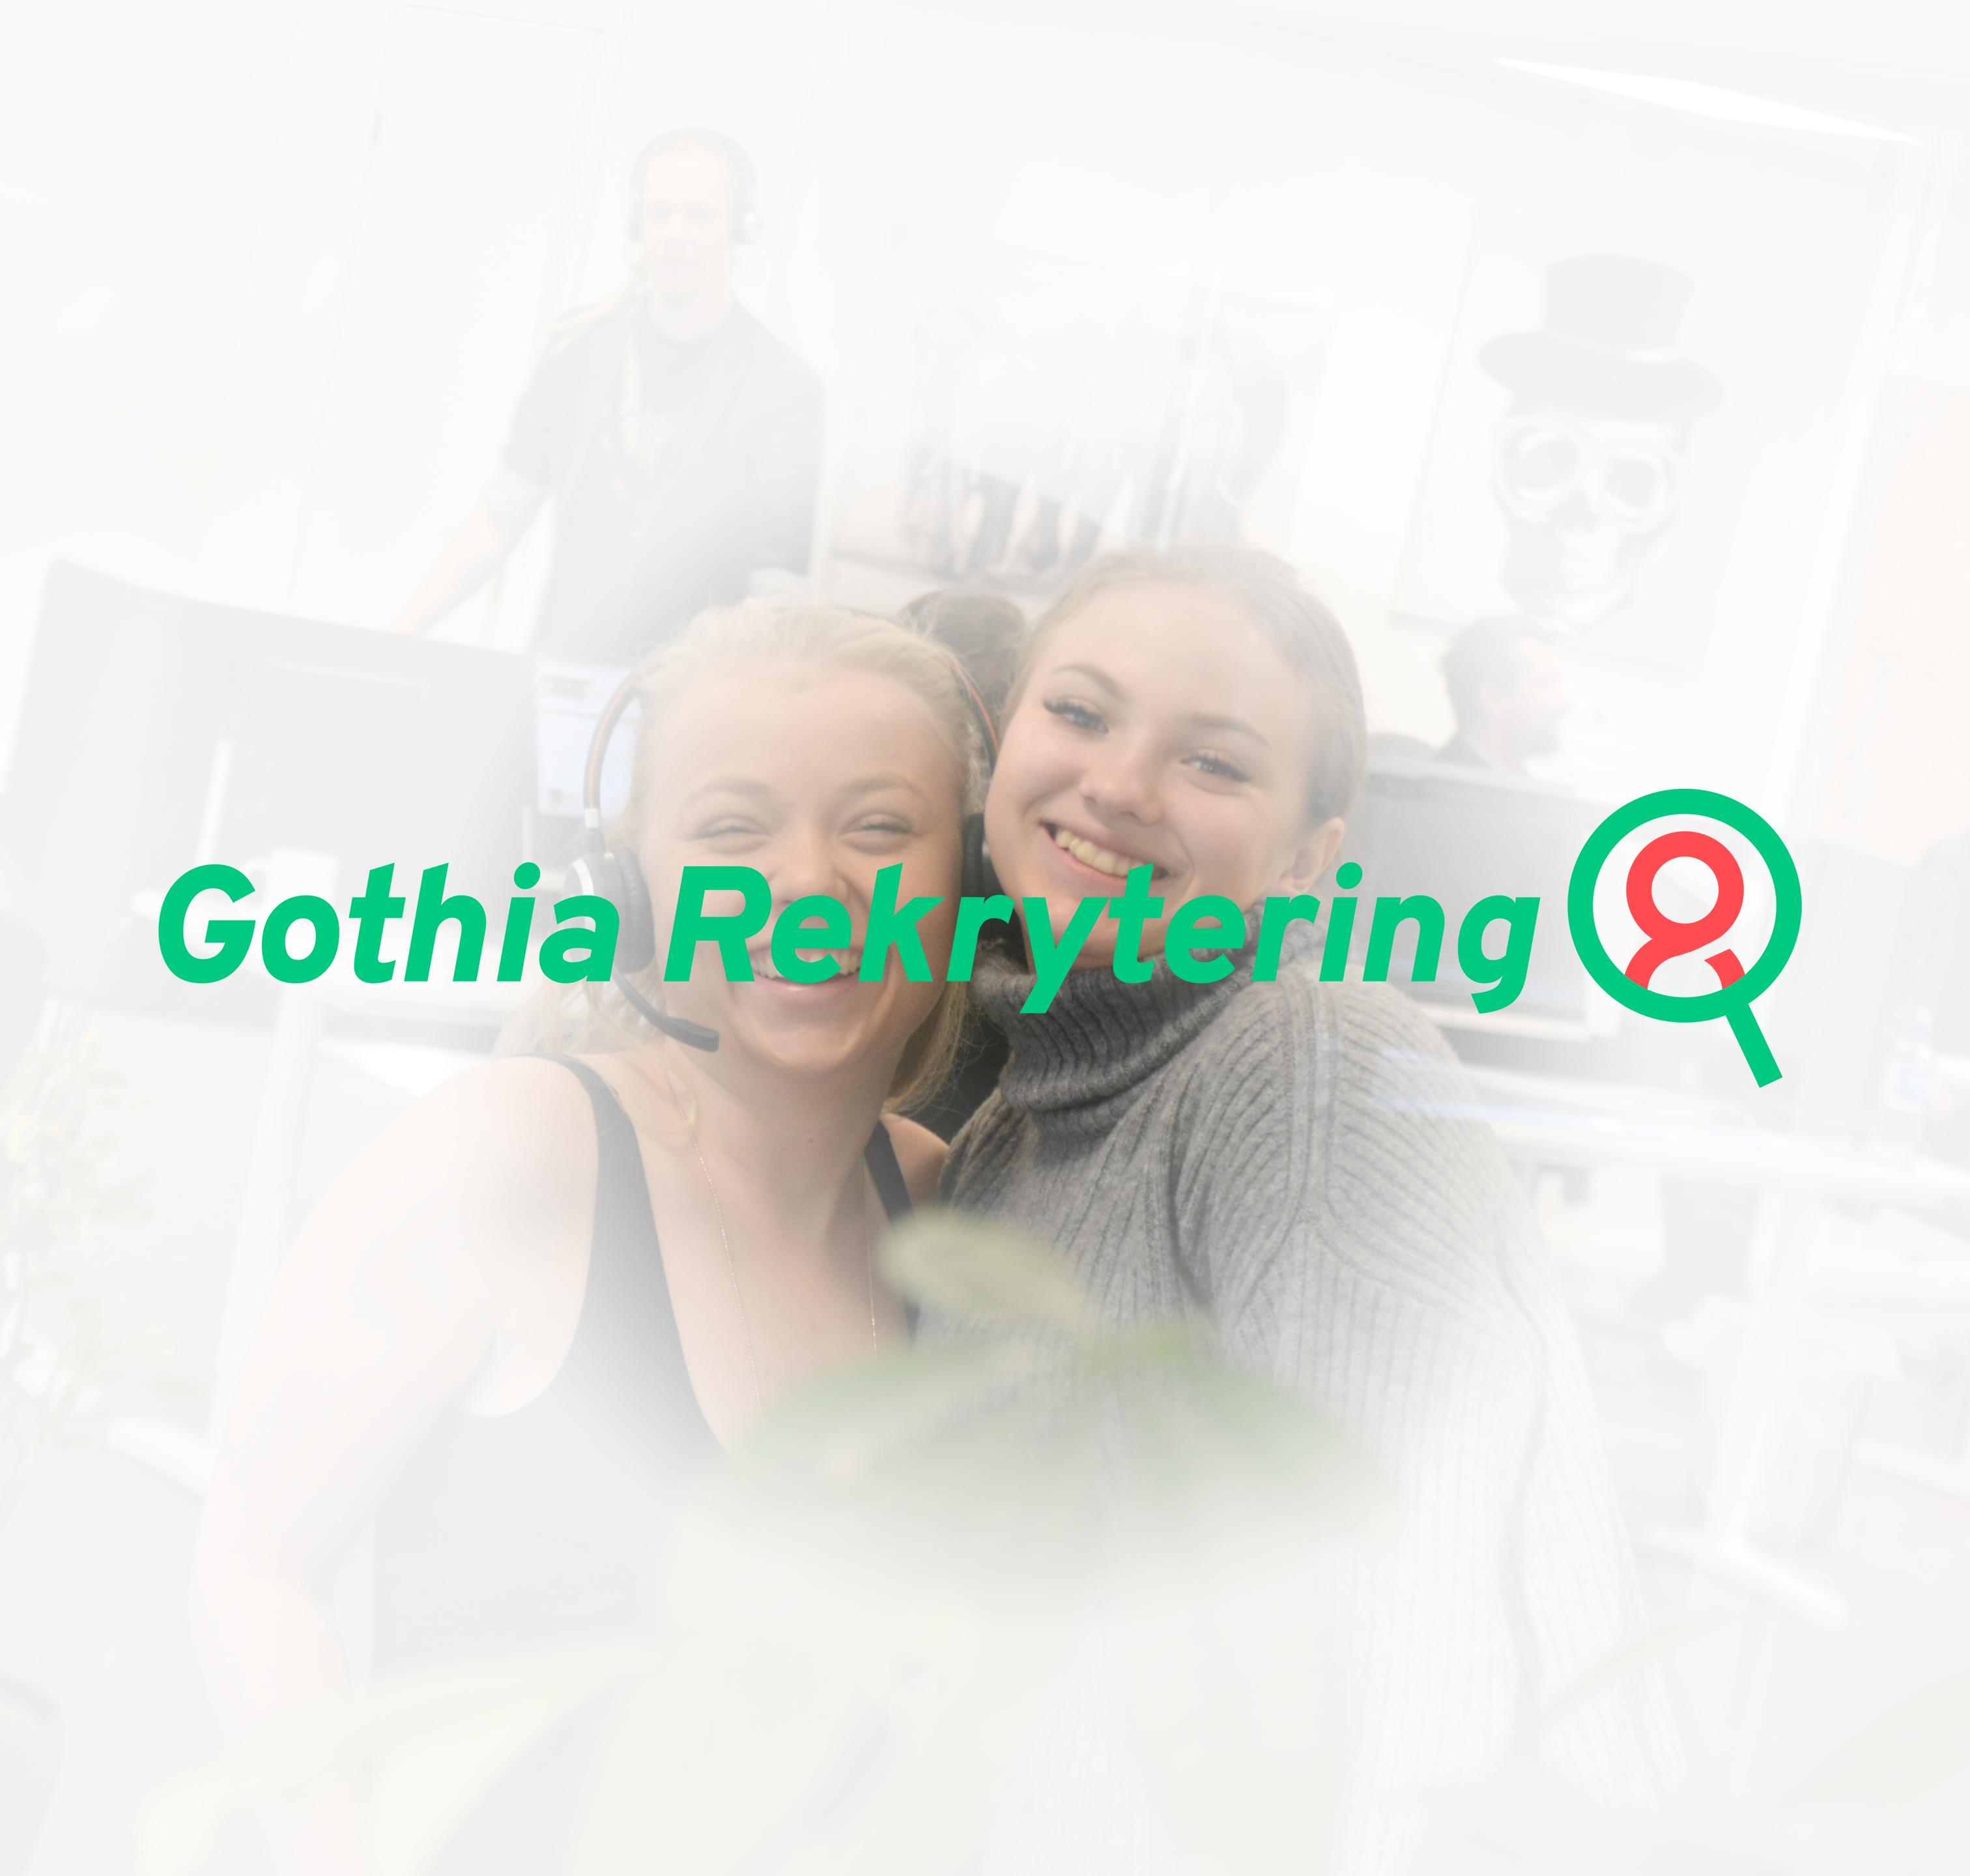 Gothia Rekrytering